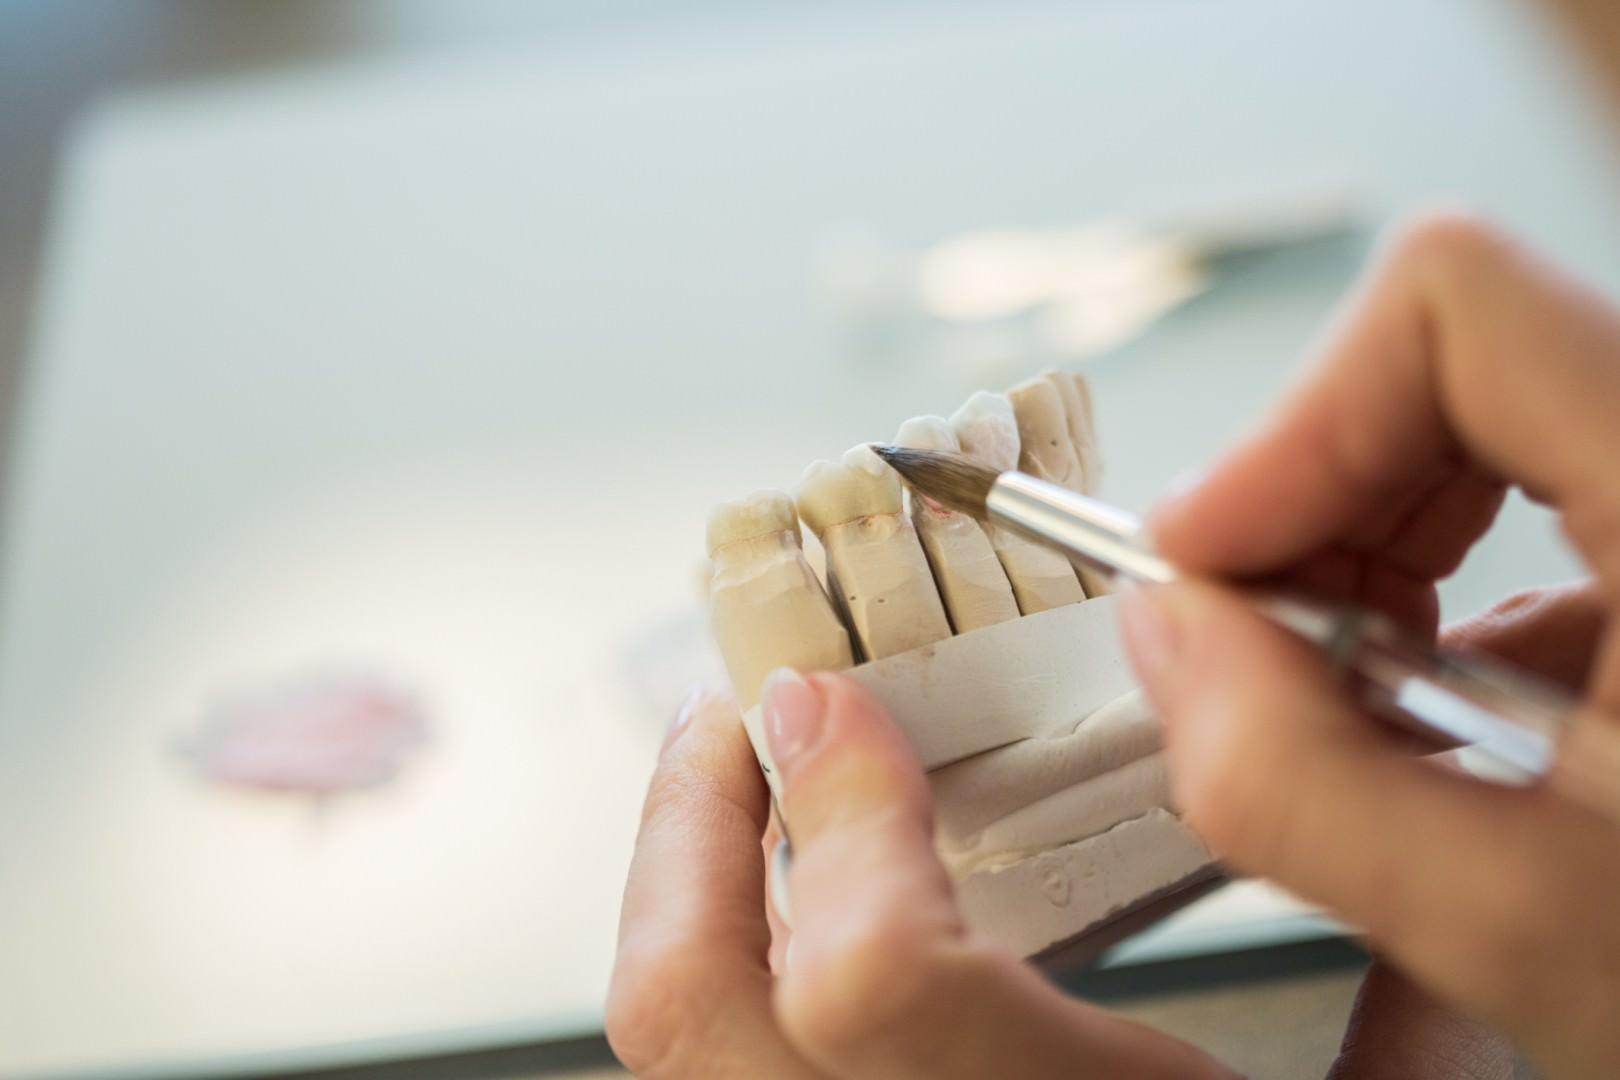 Detailarbeit im Zahnlabor